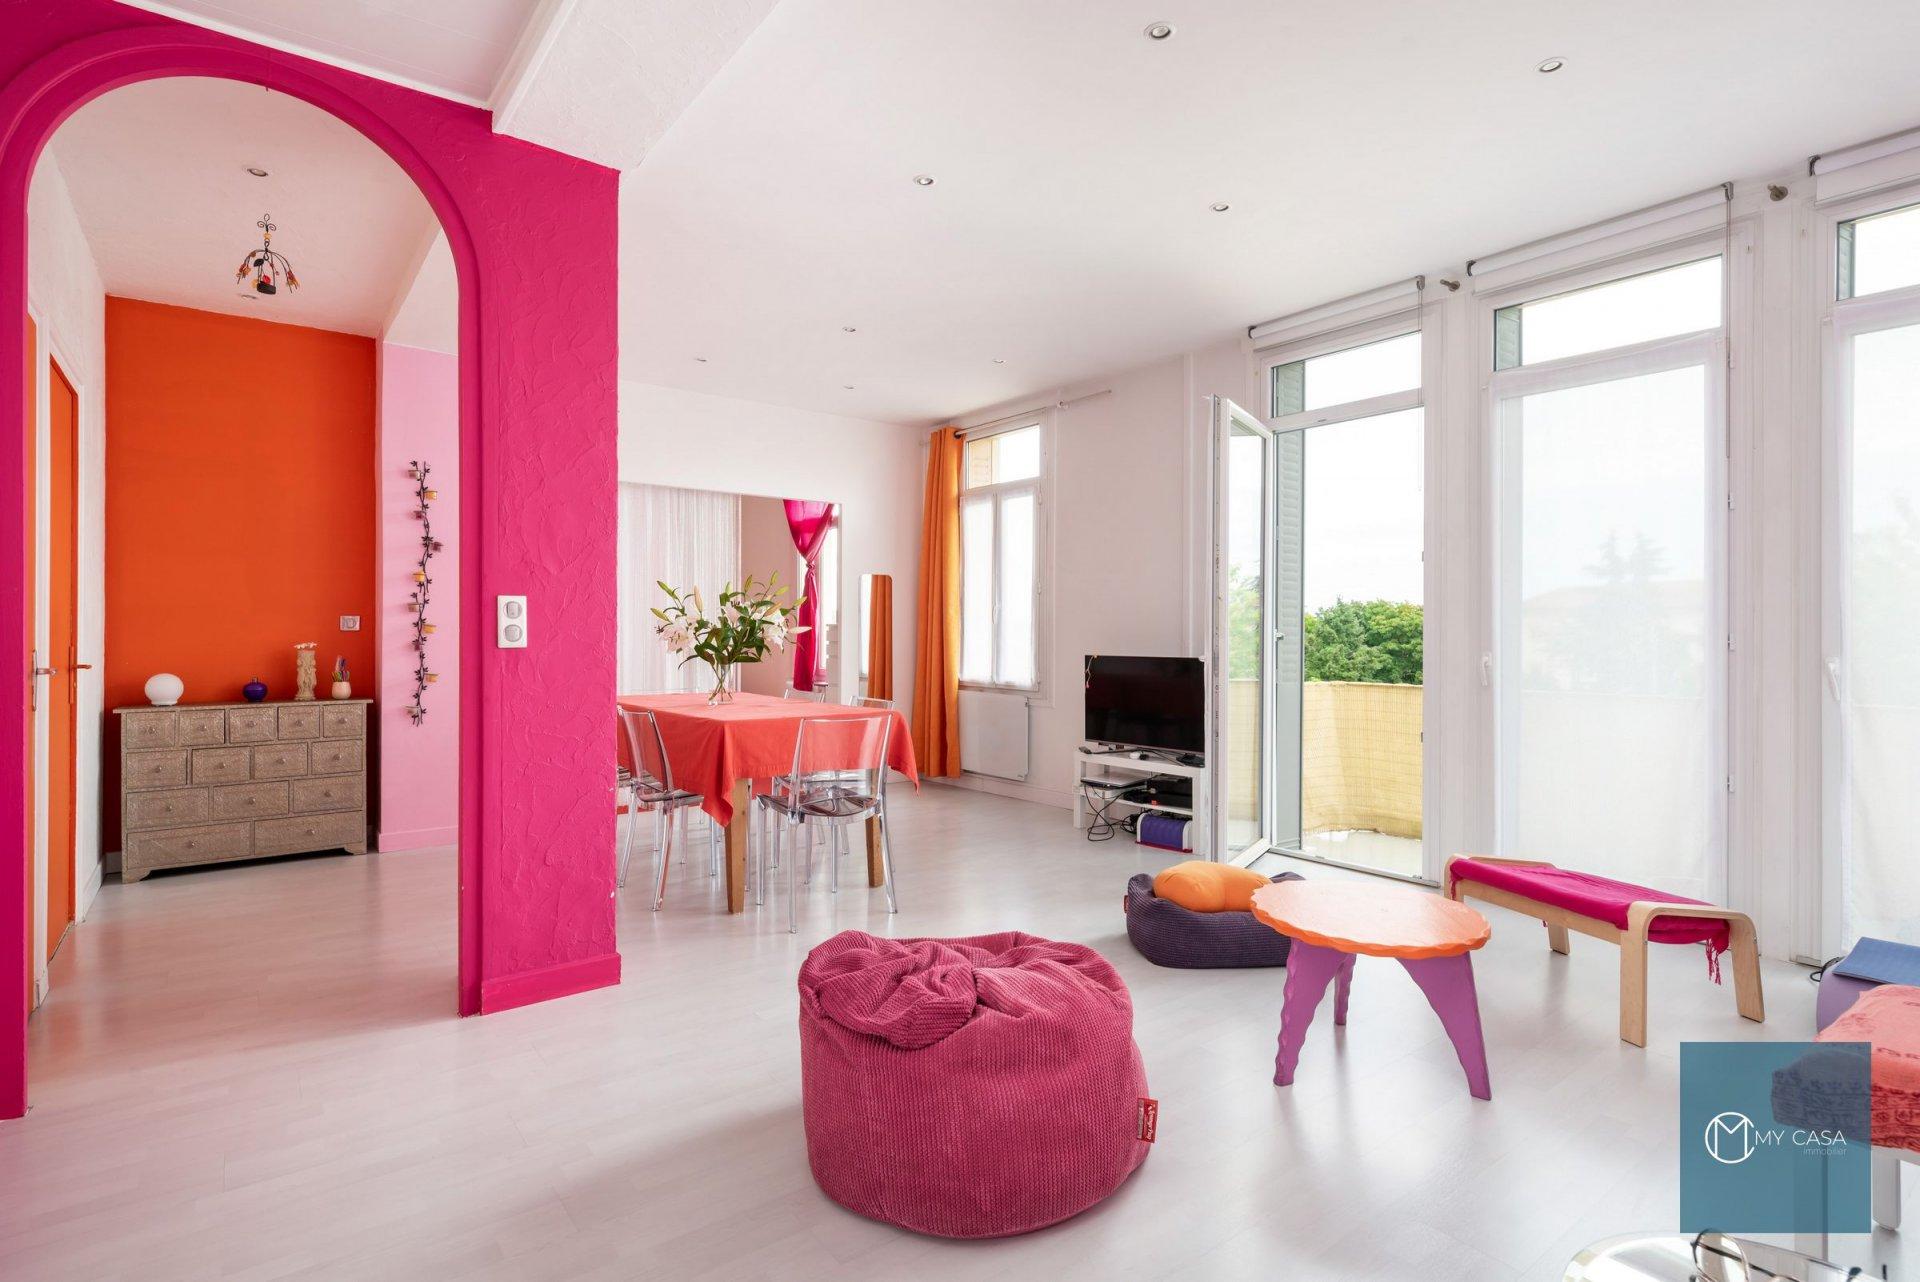 Oullins - Appartement au dernier étage avec balcon